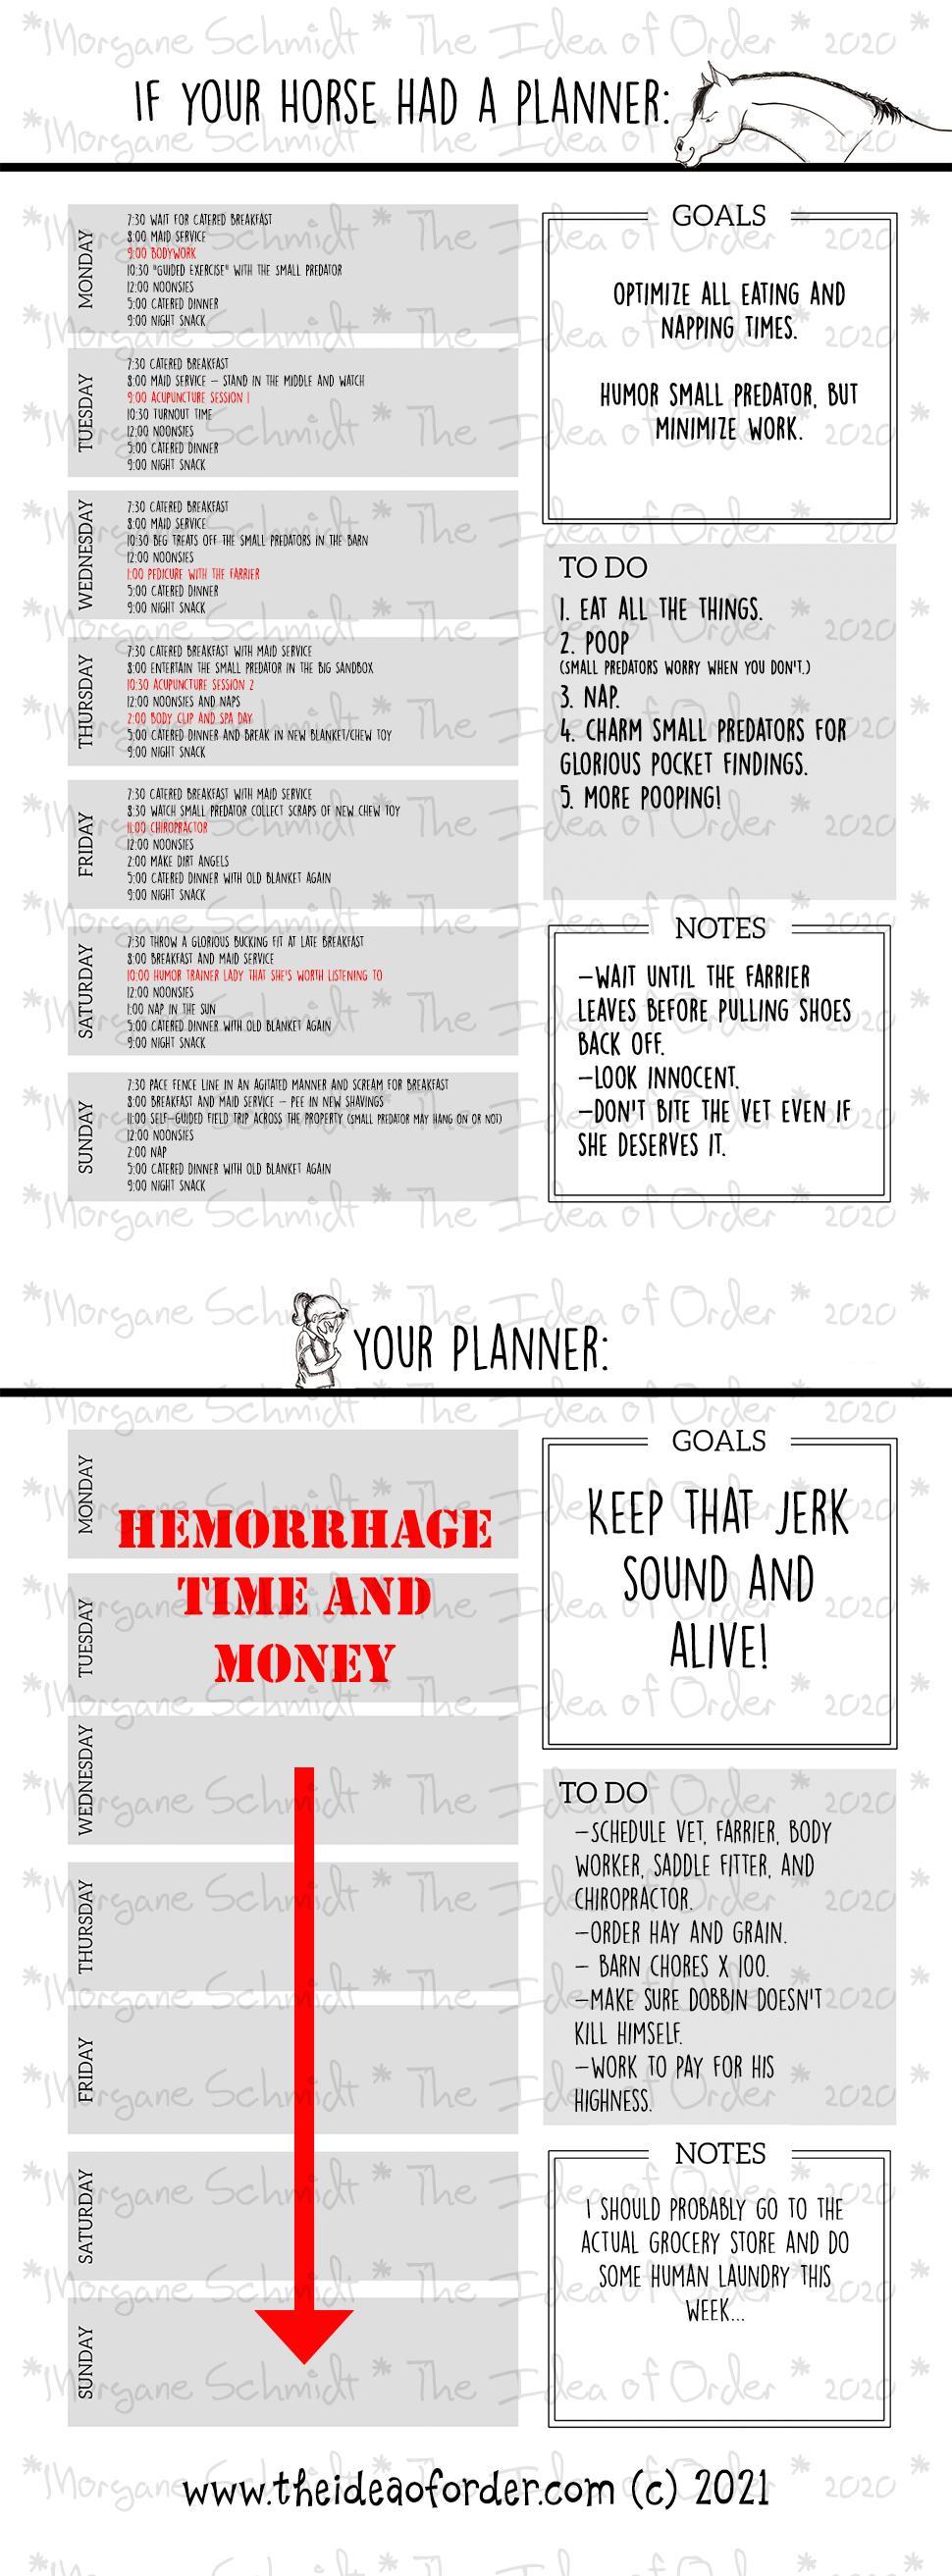 A ideia de ordem: se o seu cavalo tivesse uma agenda ... 2